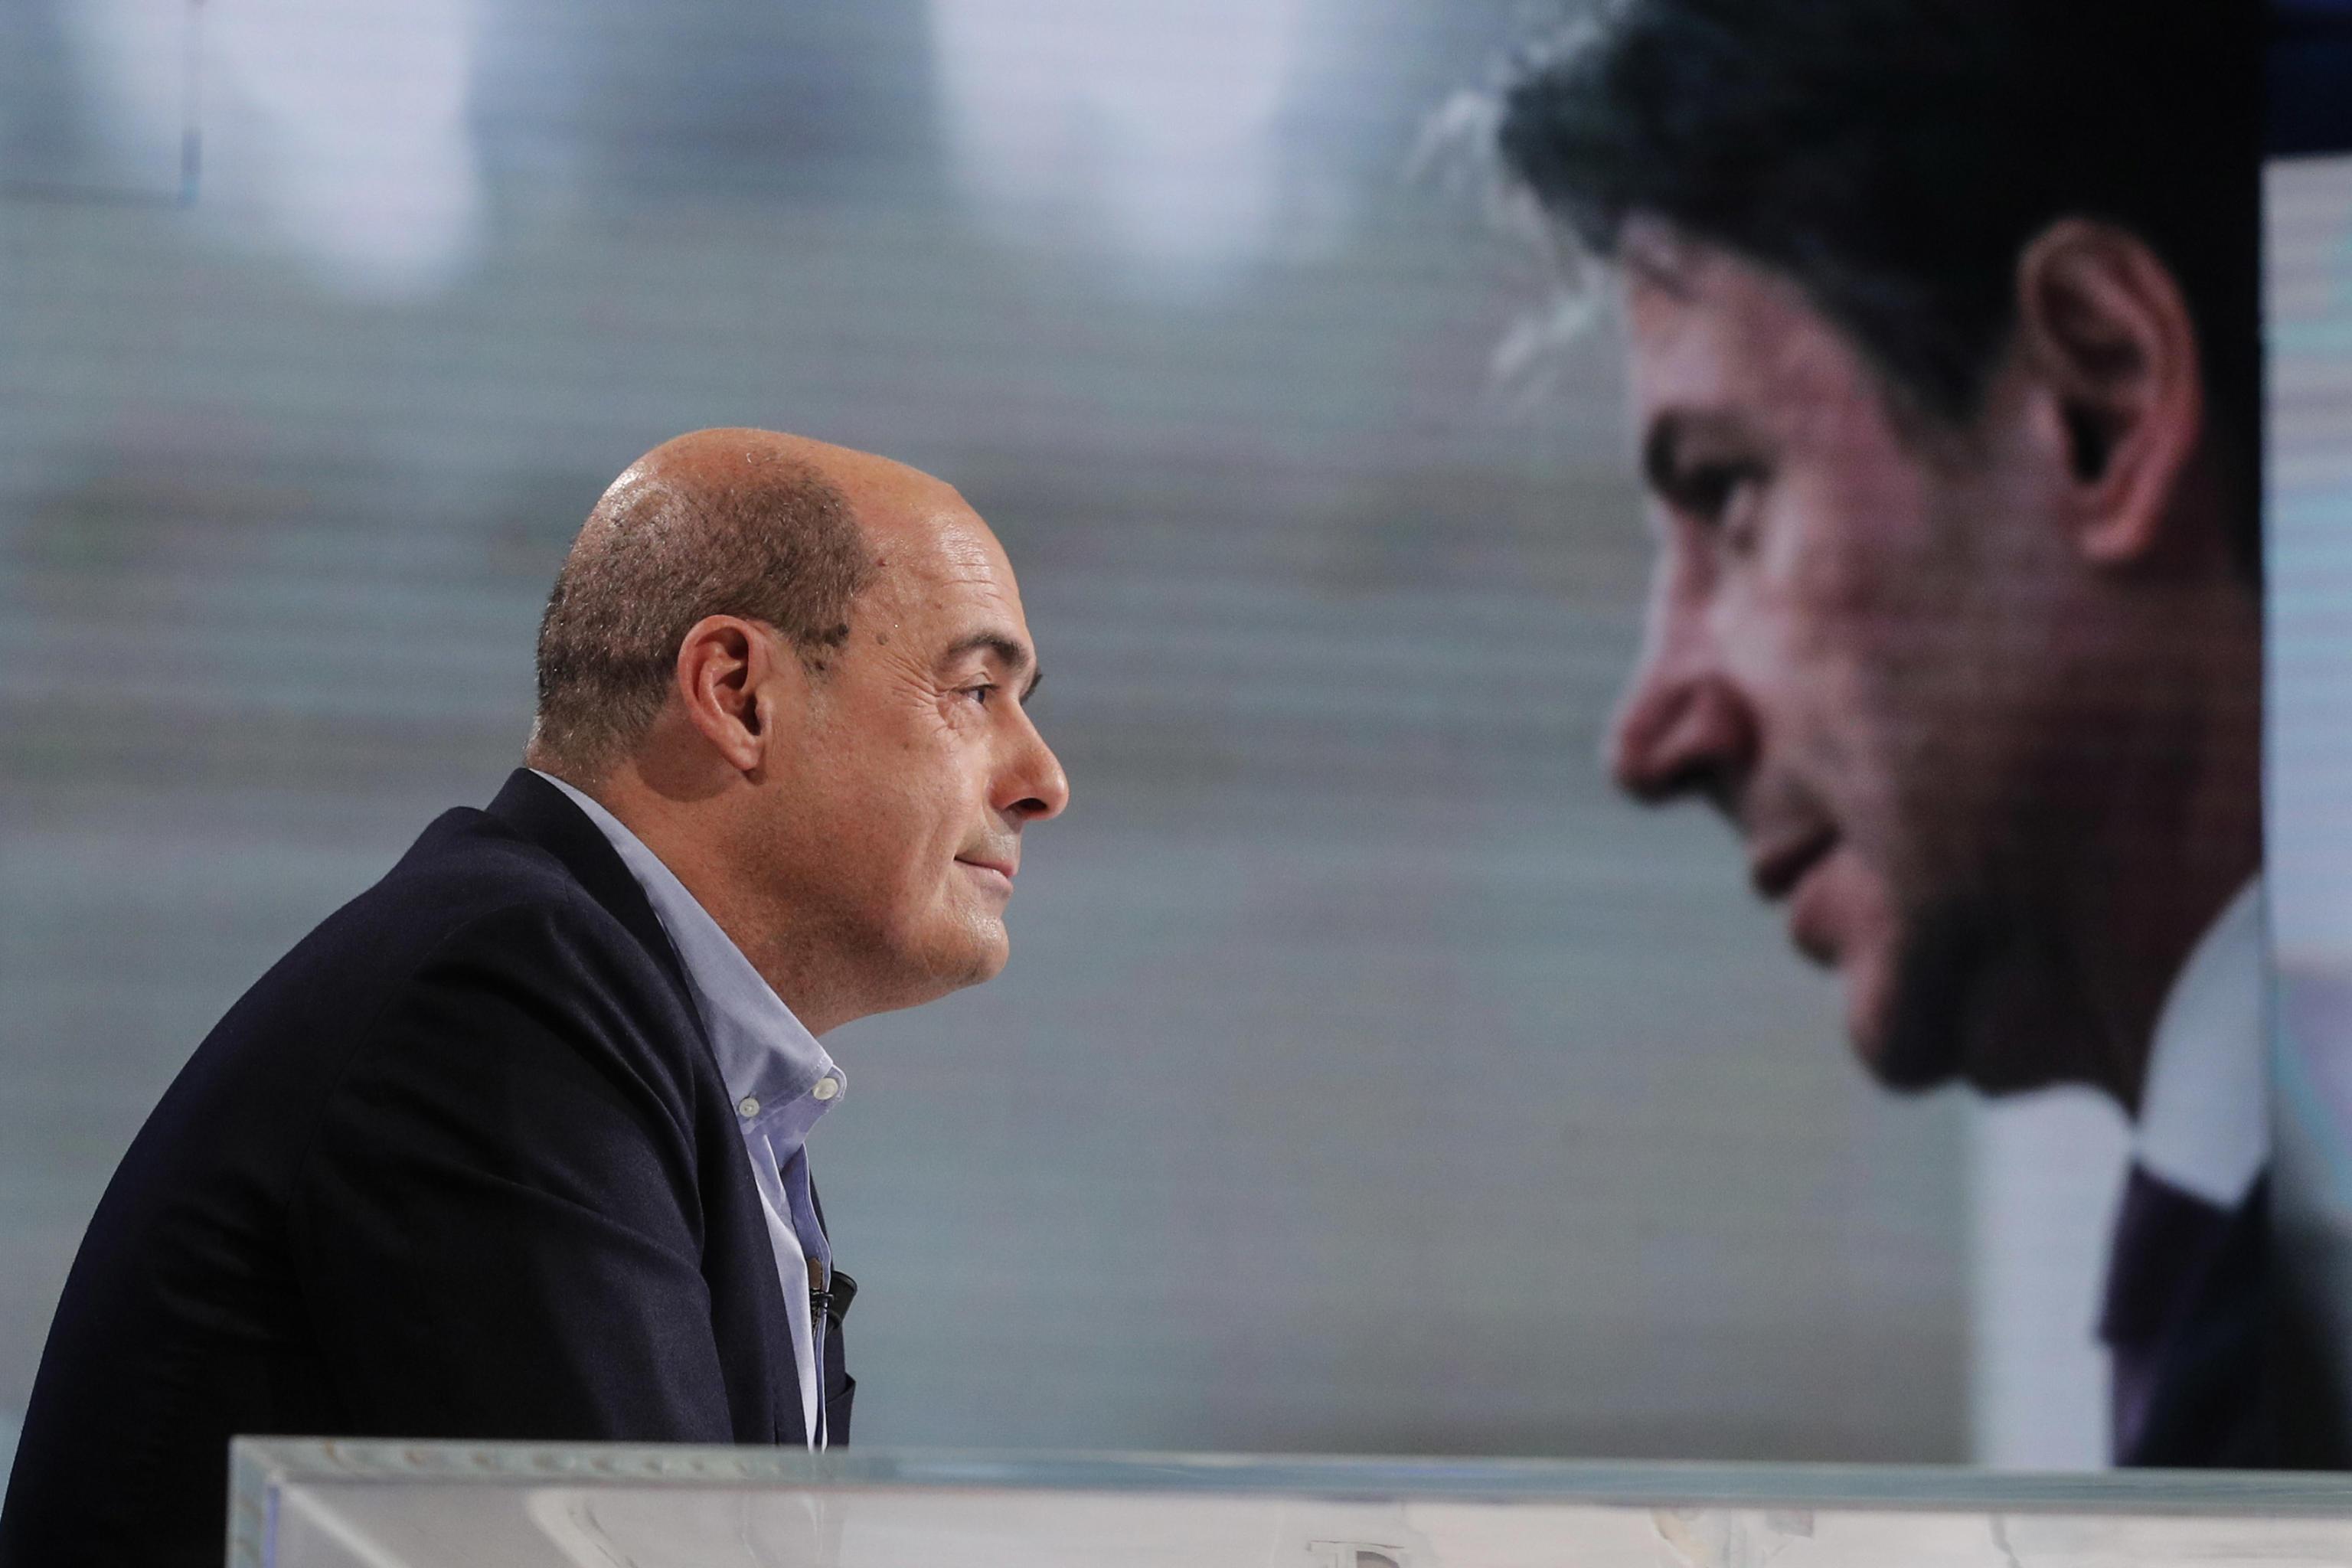 Crisi di governo, i dubbi di Zingaretti sul voto al Senato: «Strada strettissima. Numeri angusti e compagine complessa»